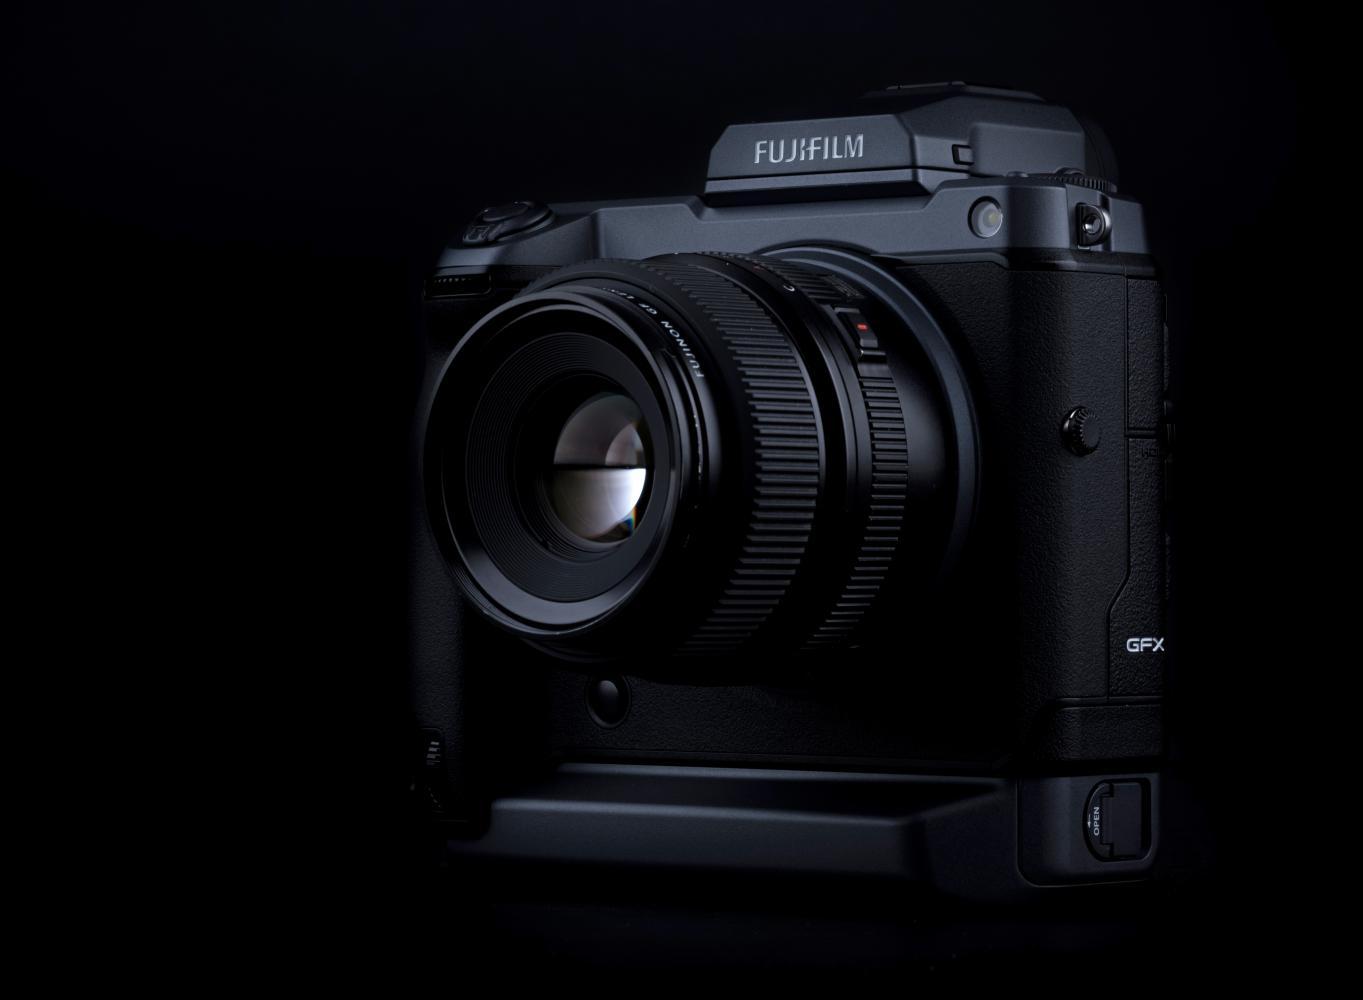 Fujifilm GFX 100: Read all about the new camera